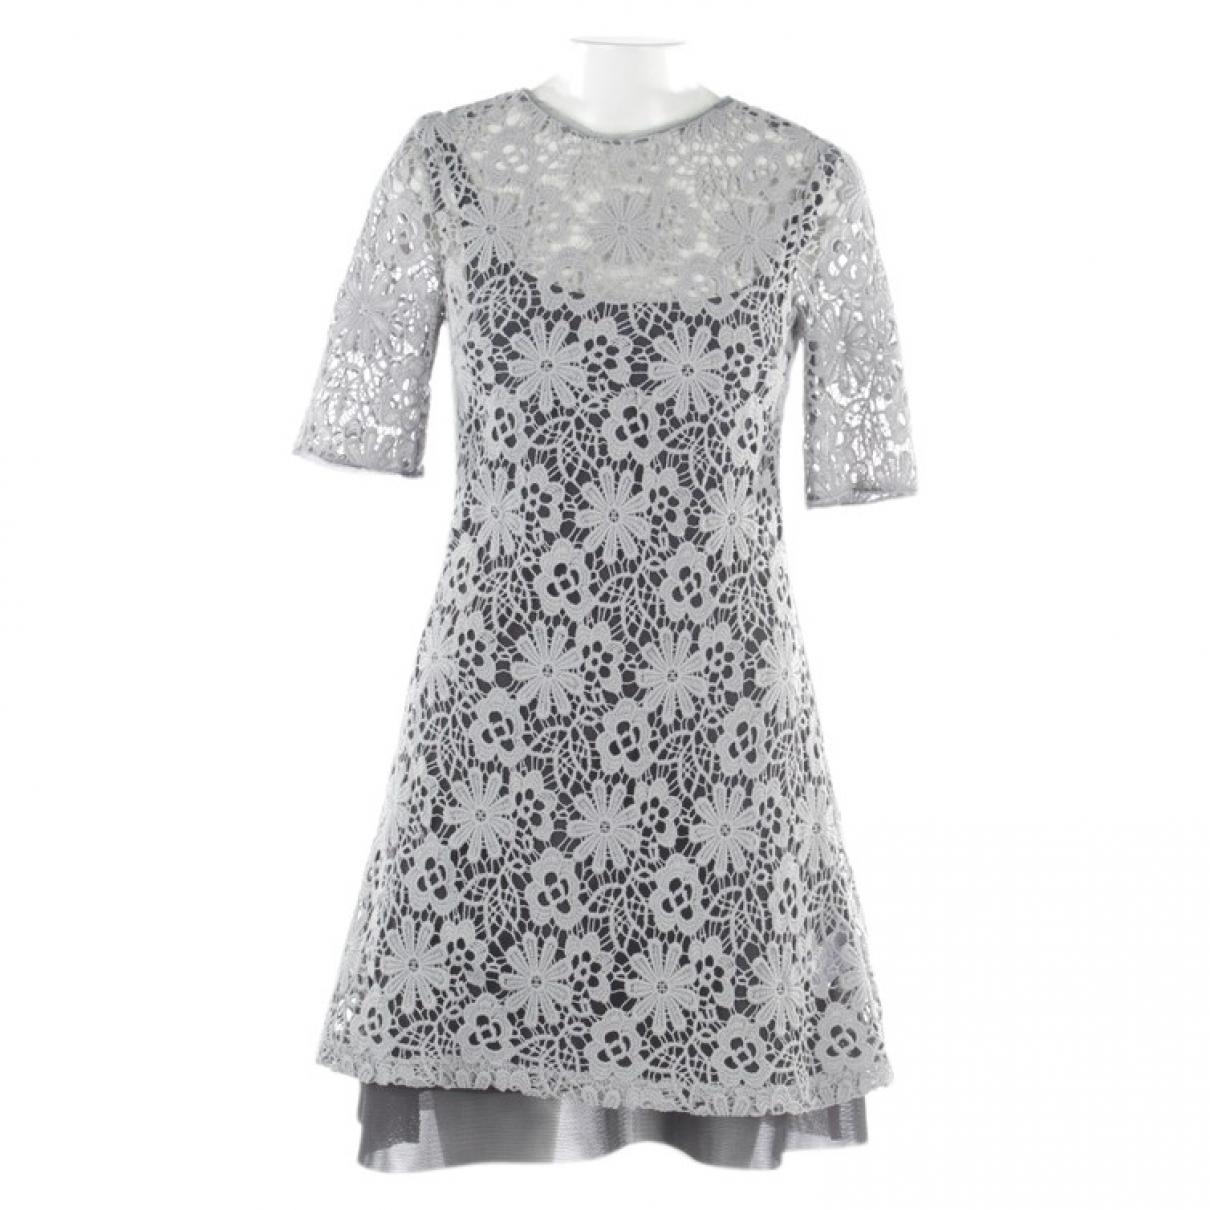 Dorothee Schumacher \N Kleid in  Grau Polyester